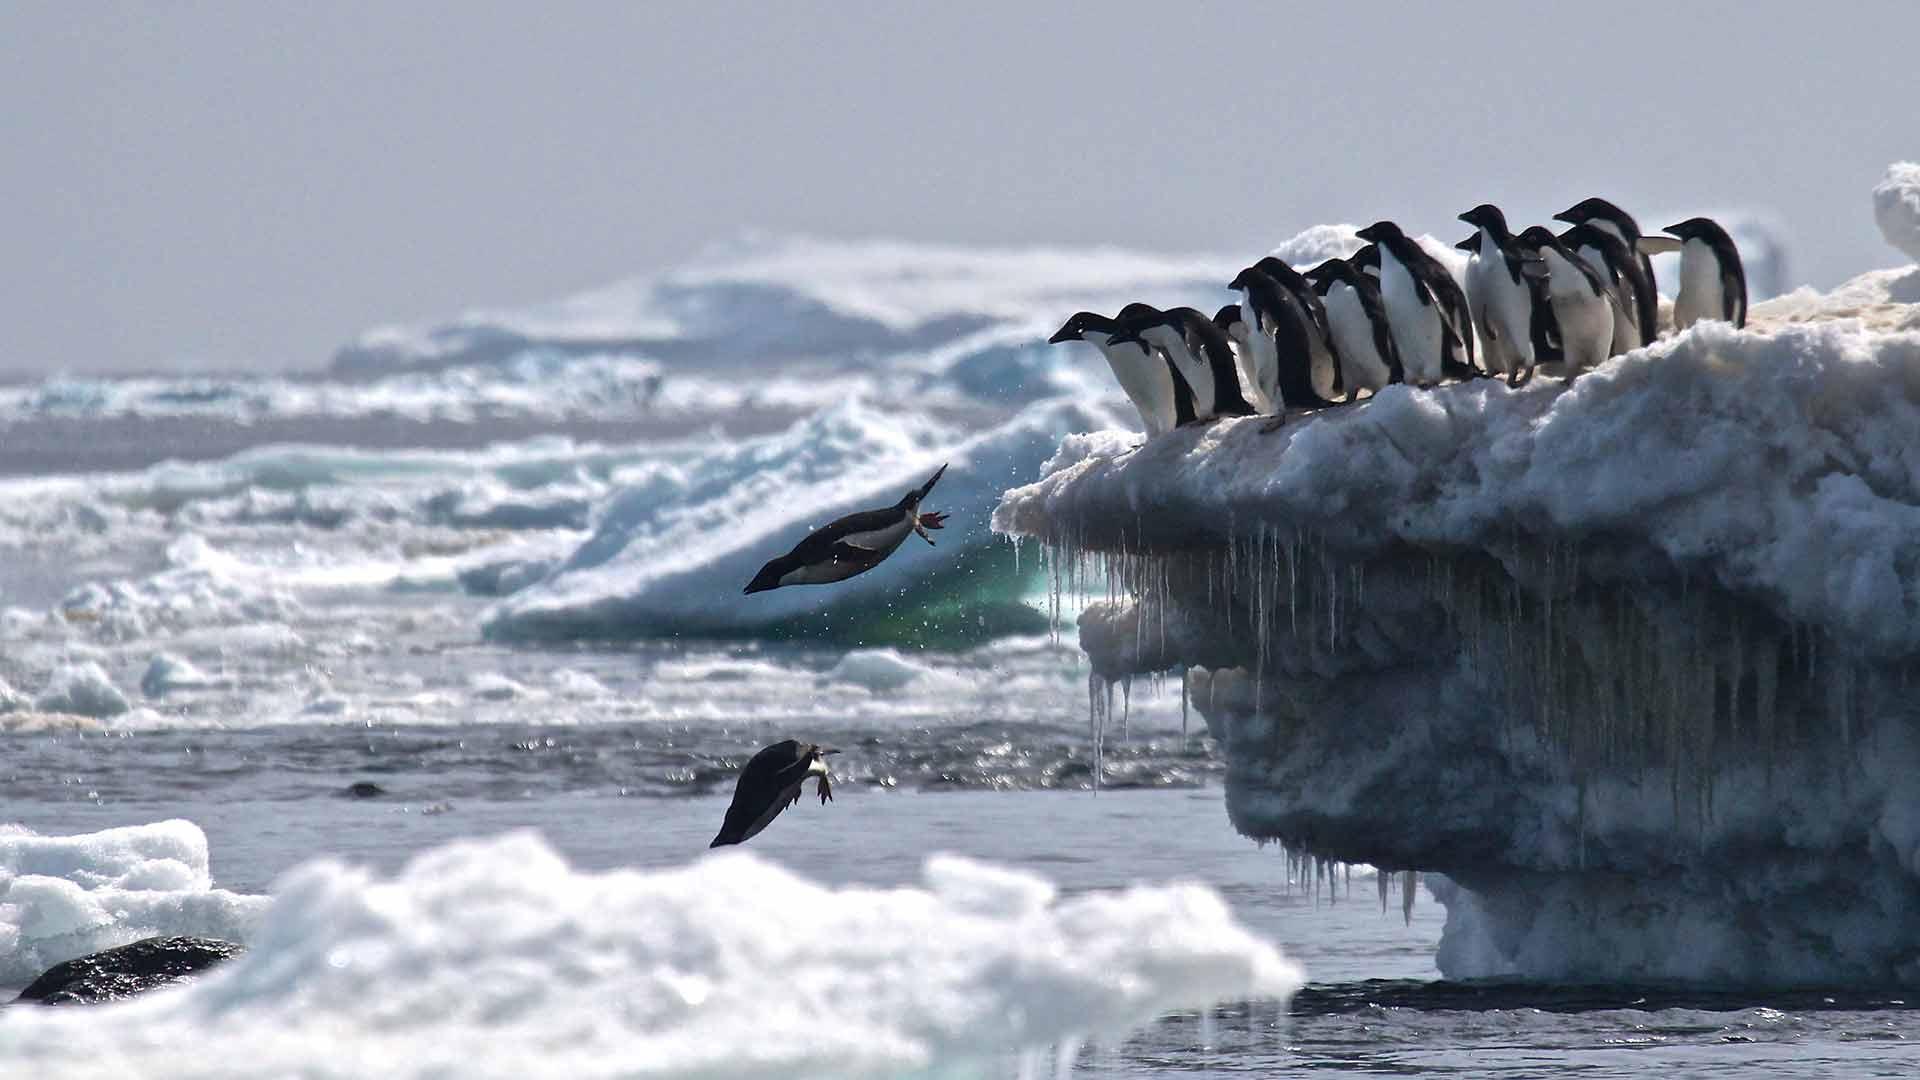 Pinguine springen ins Wasser